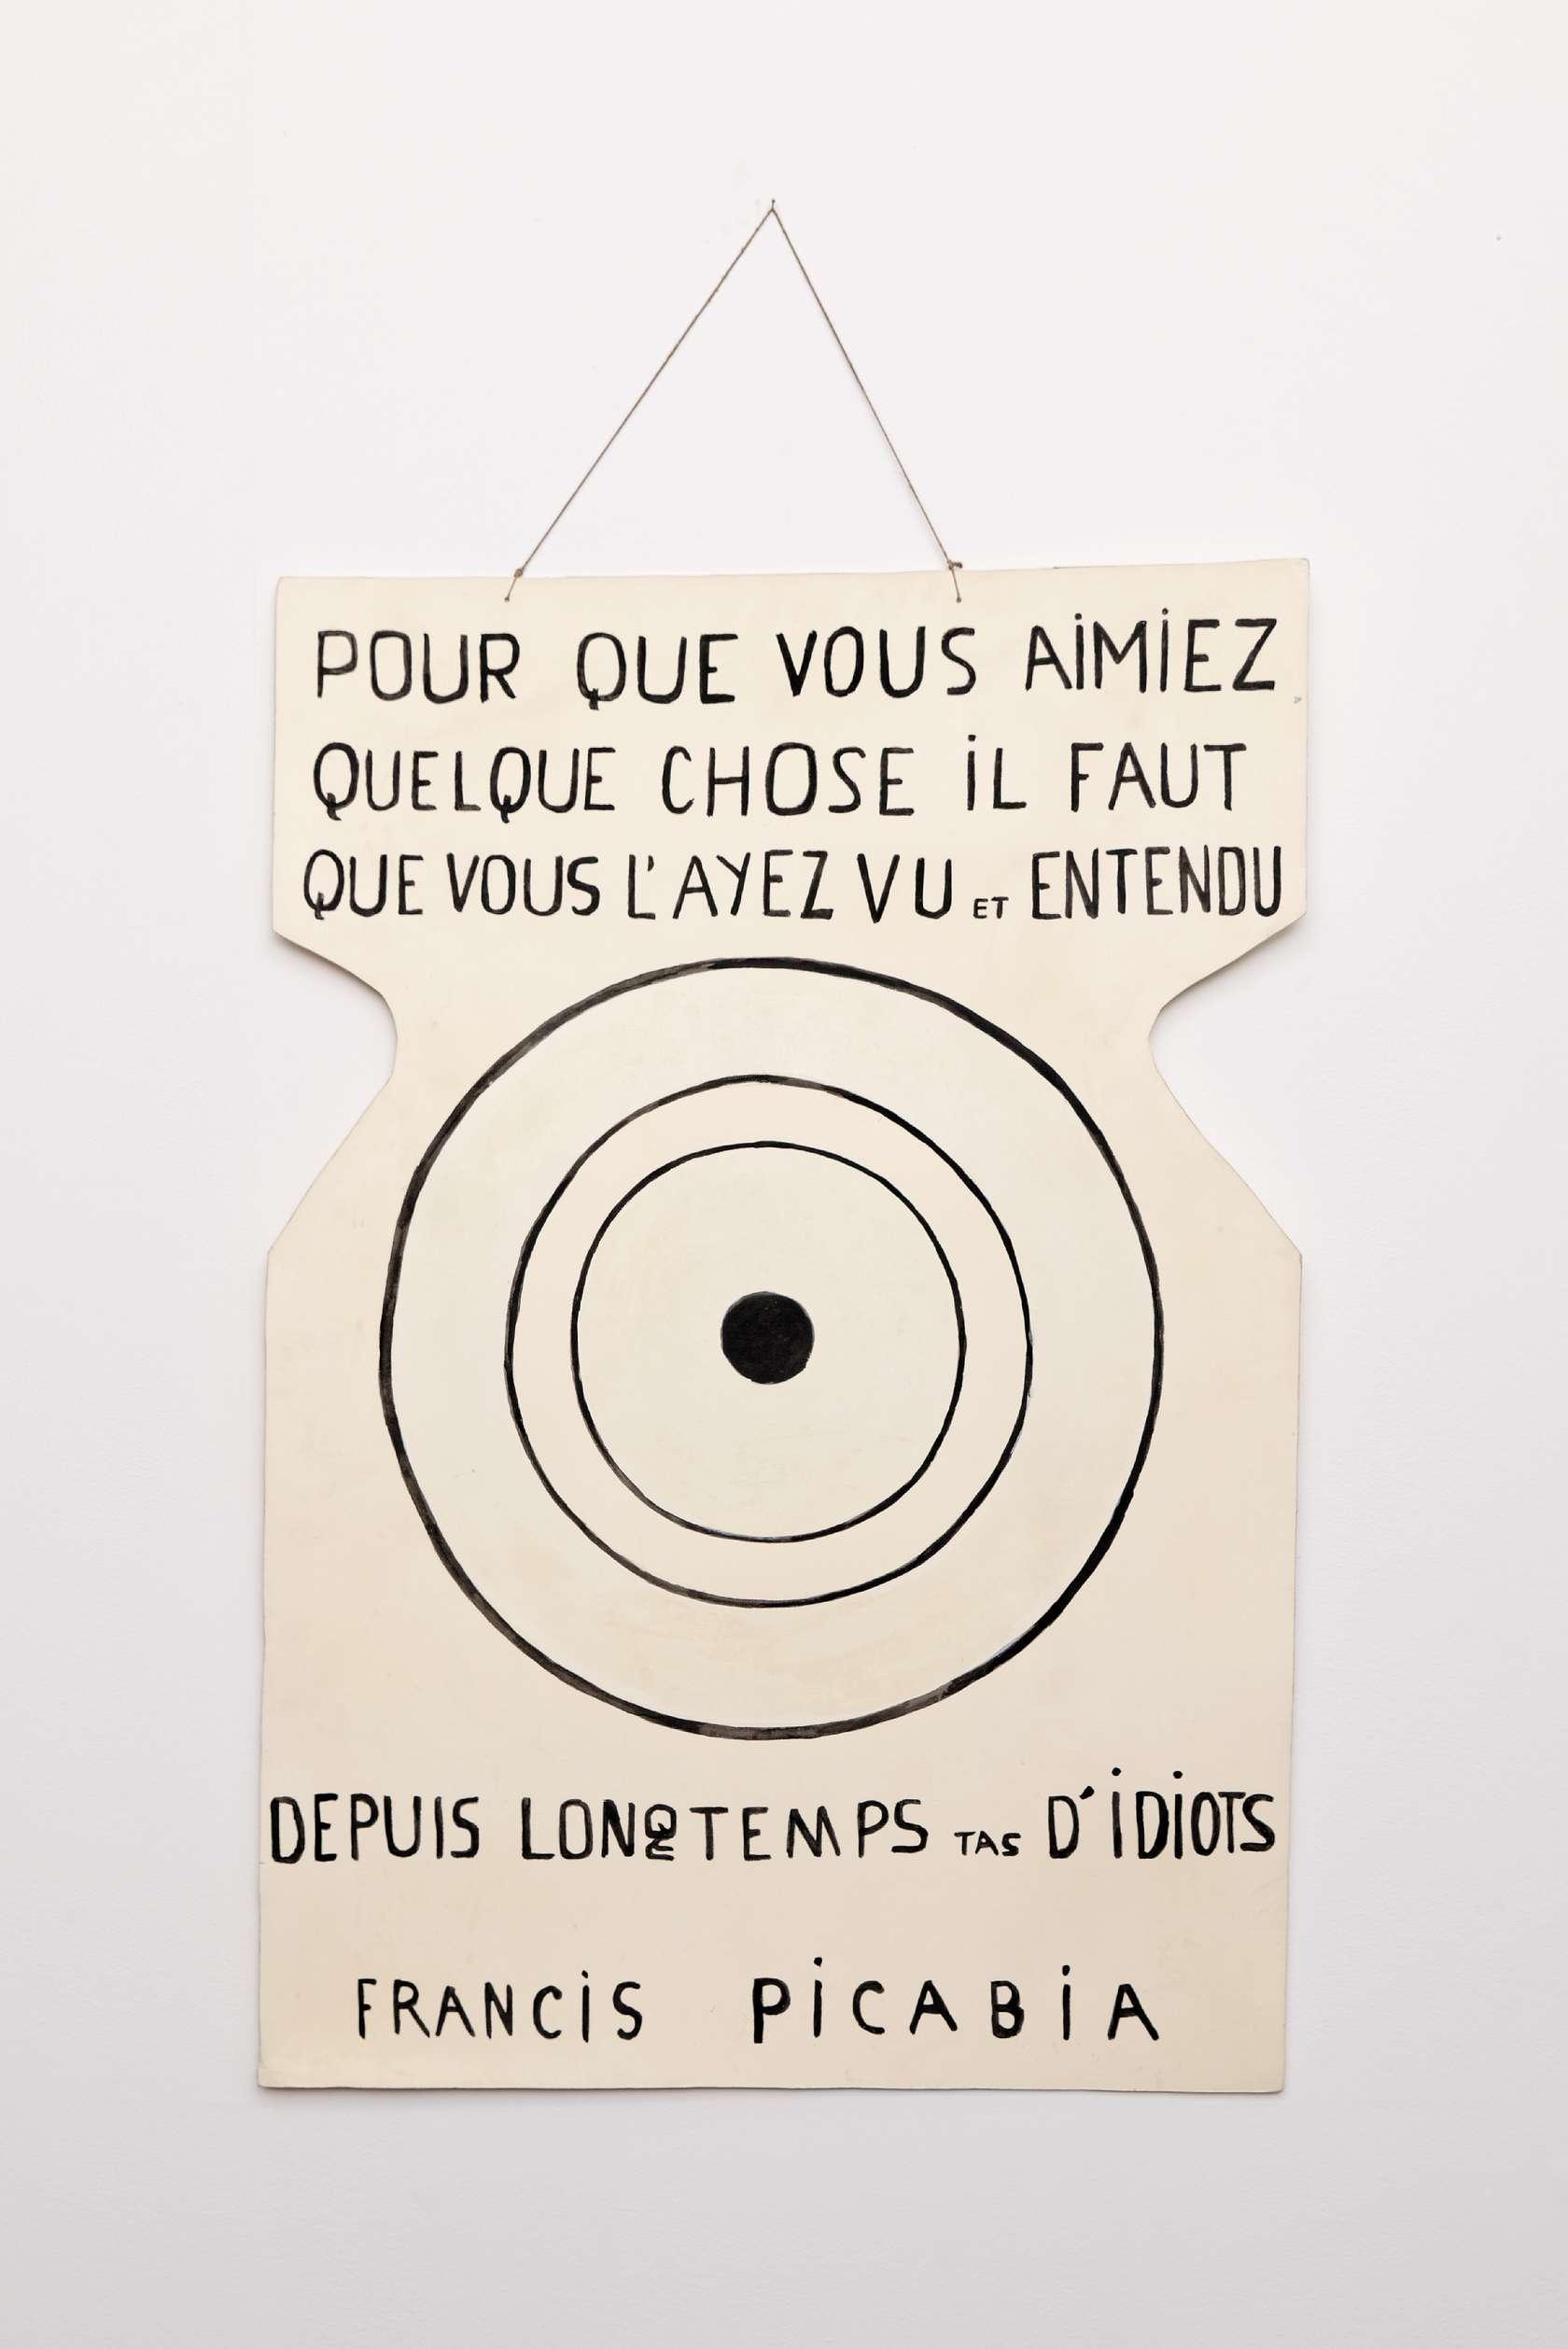 Ernest T., Sans titre, 1985 Gouache et peinture acrylique sur carton - 3 ex. + 1109 x 74 cm / 42 7/8 x 29 1/8 inches